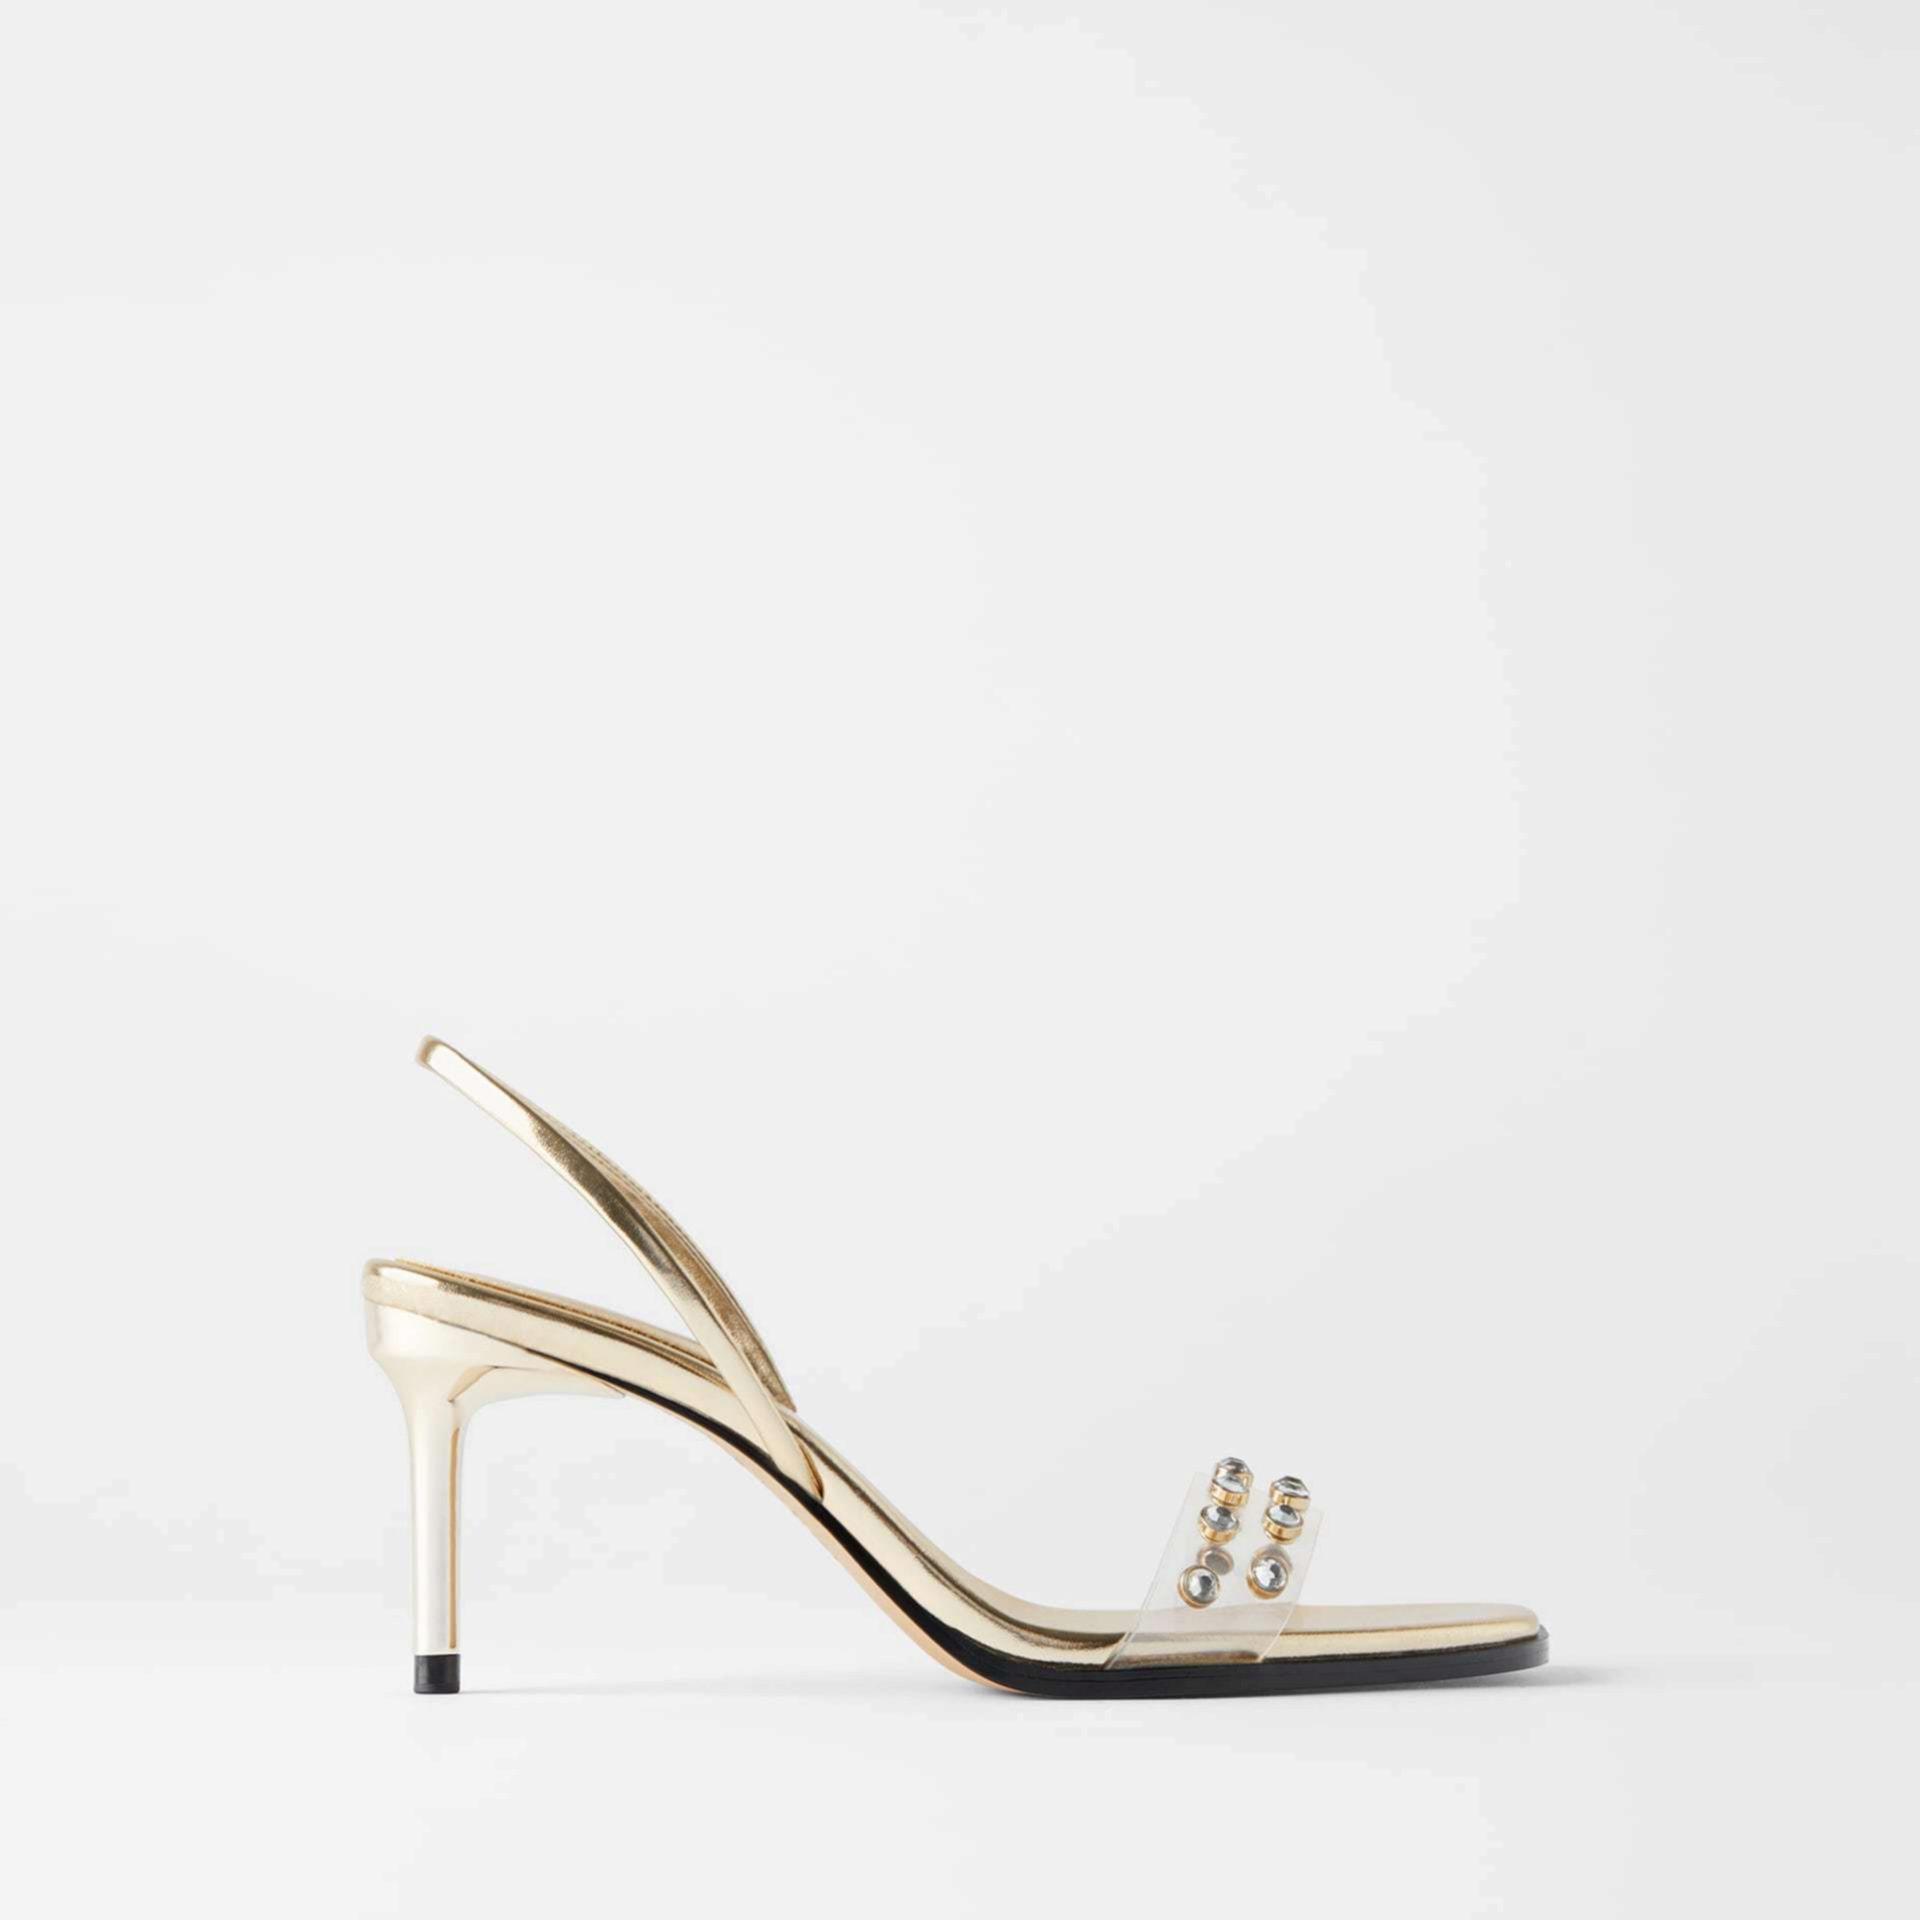 Sandalias doradas con detalles de plástico y pedrería de Zara (39,95¤)